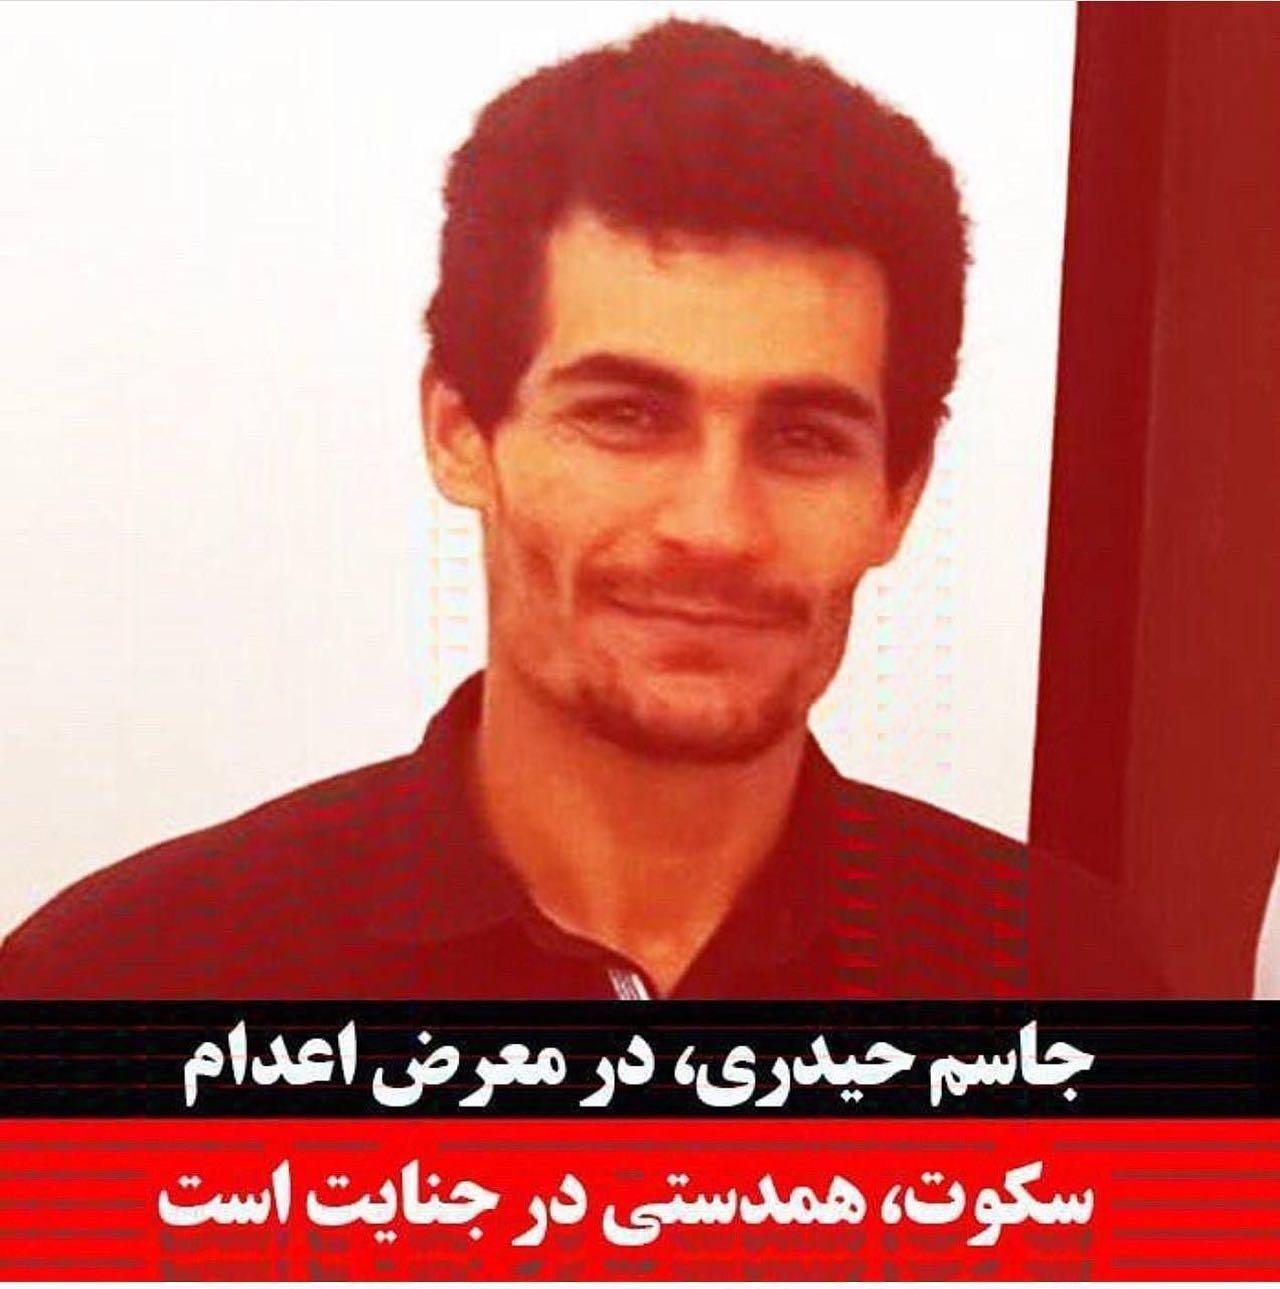 جاسم حیدری، زندانی سیاسی عرب محکوم به اعدام